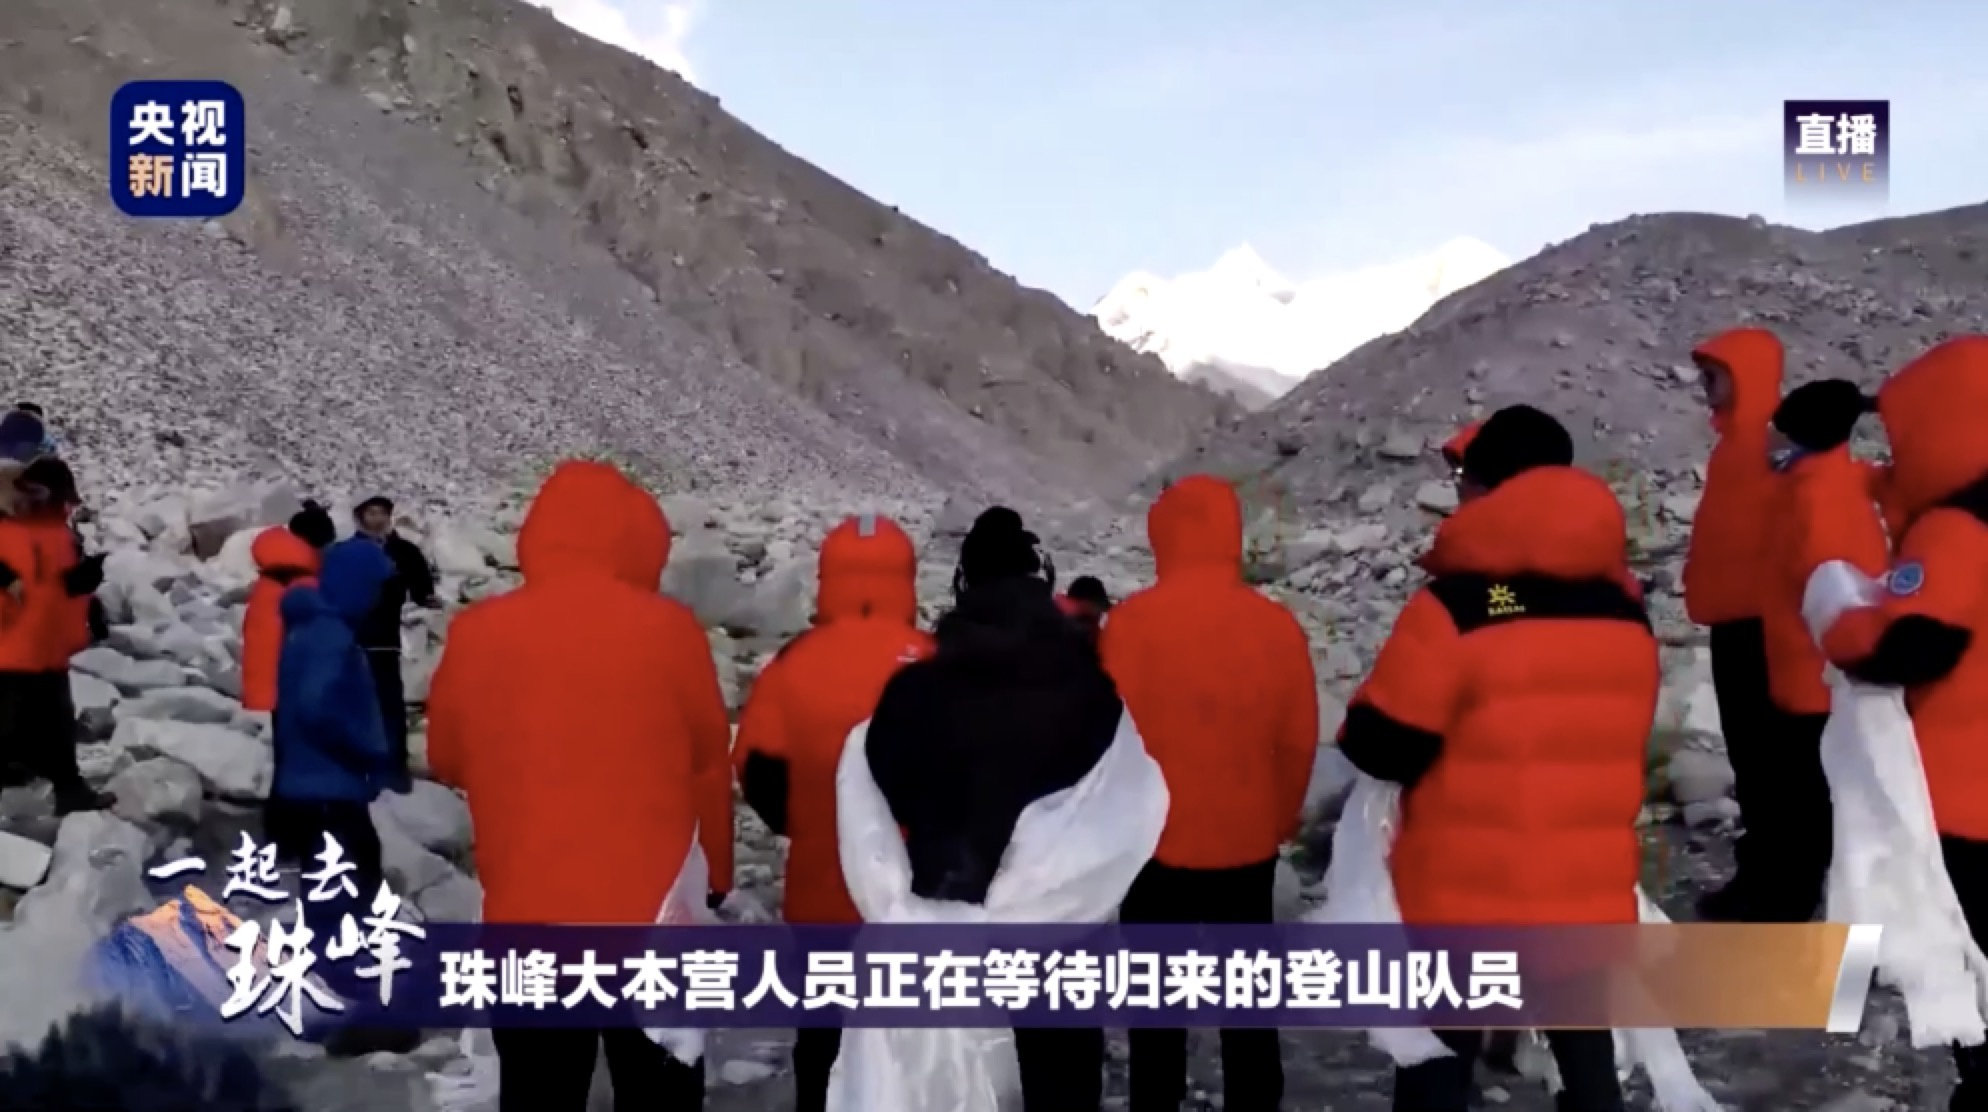 [赢咖3]程测量登山队员赢咖3返回珠峰图片